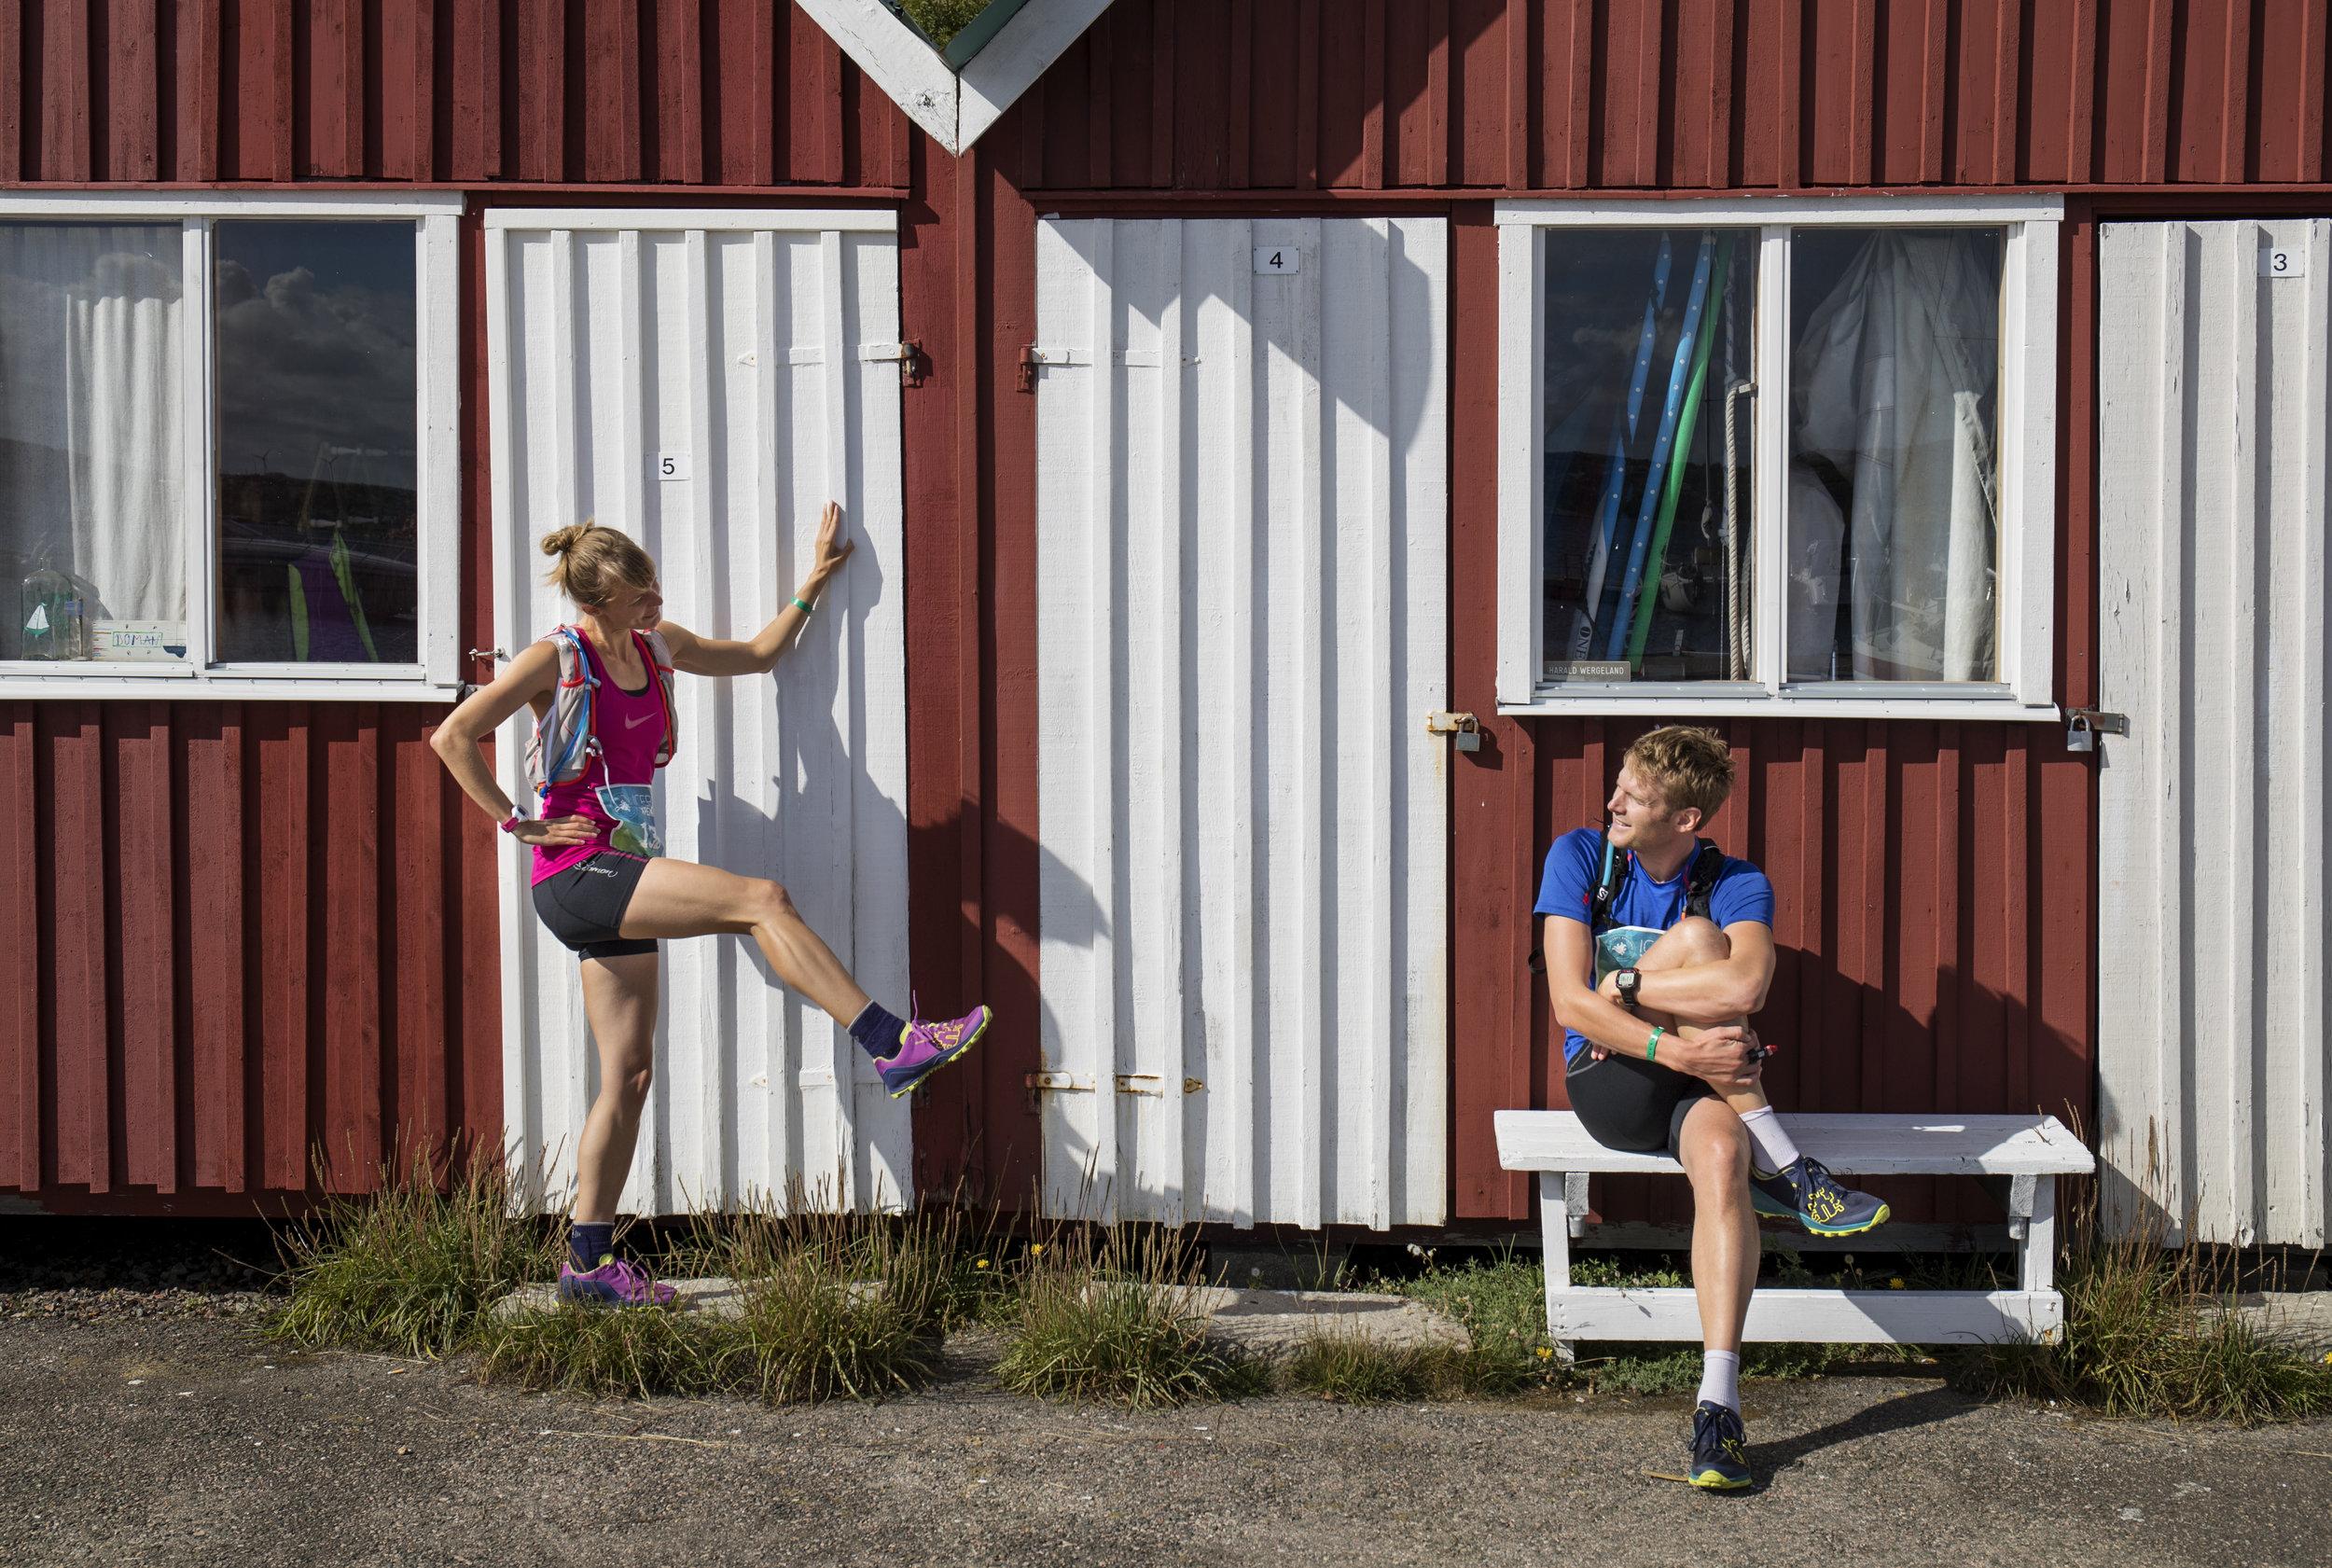 The chalet huts at Ramsvik holiday village